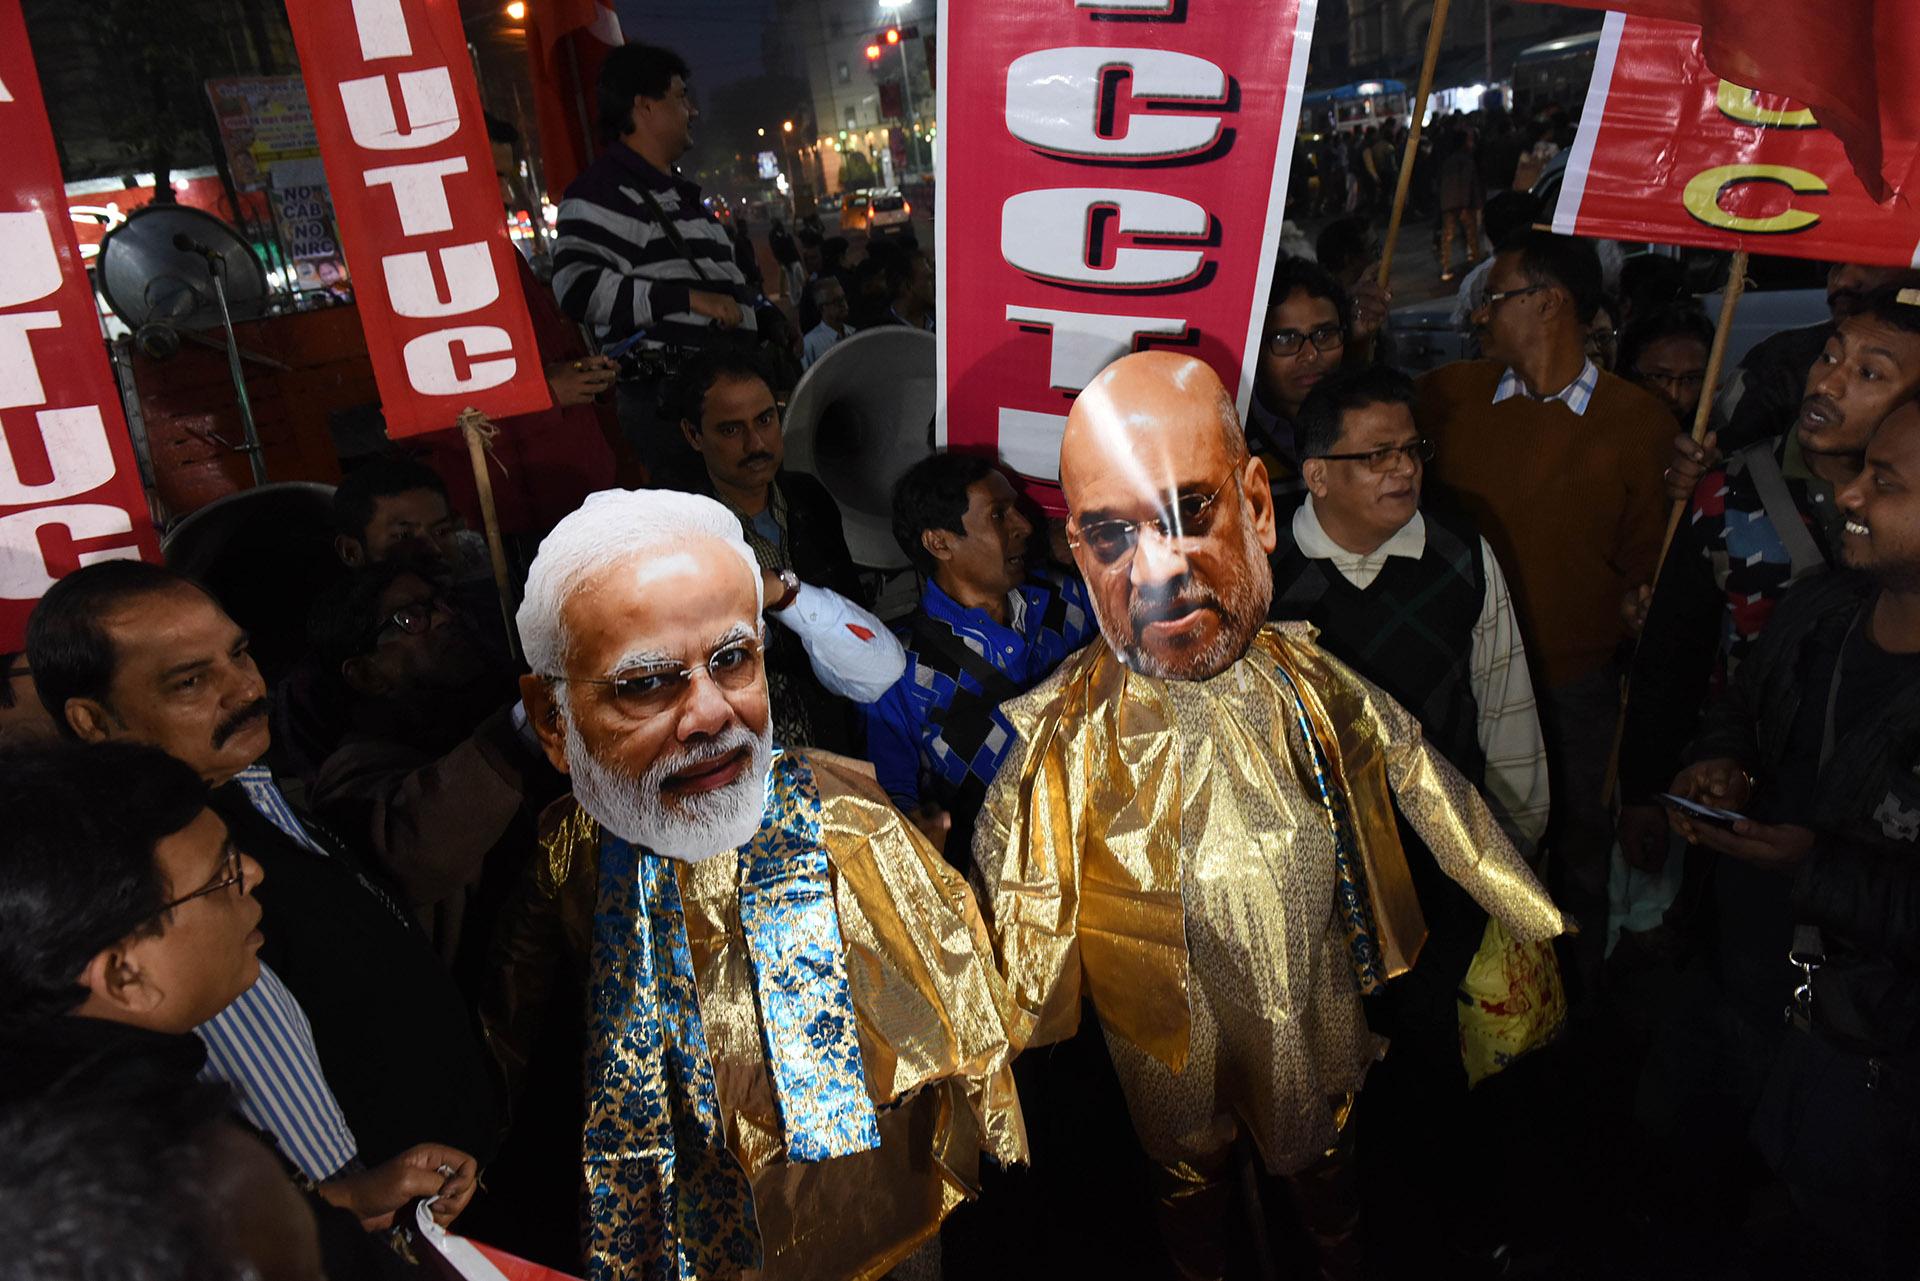 Proteste im Jänner 2020 gegen neue, diskriminierende Einbürgerungsgesetze der Regierung Modi.